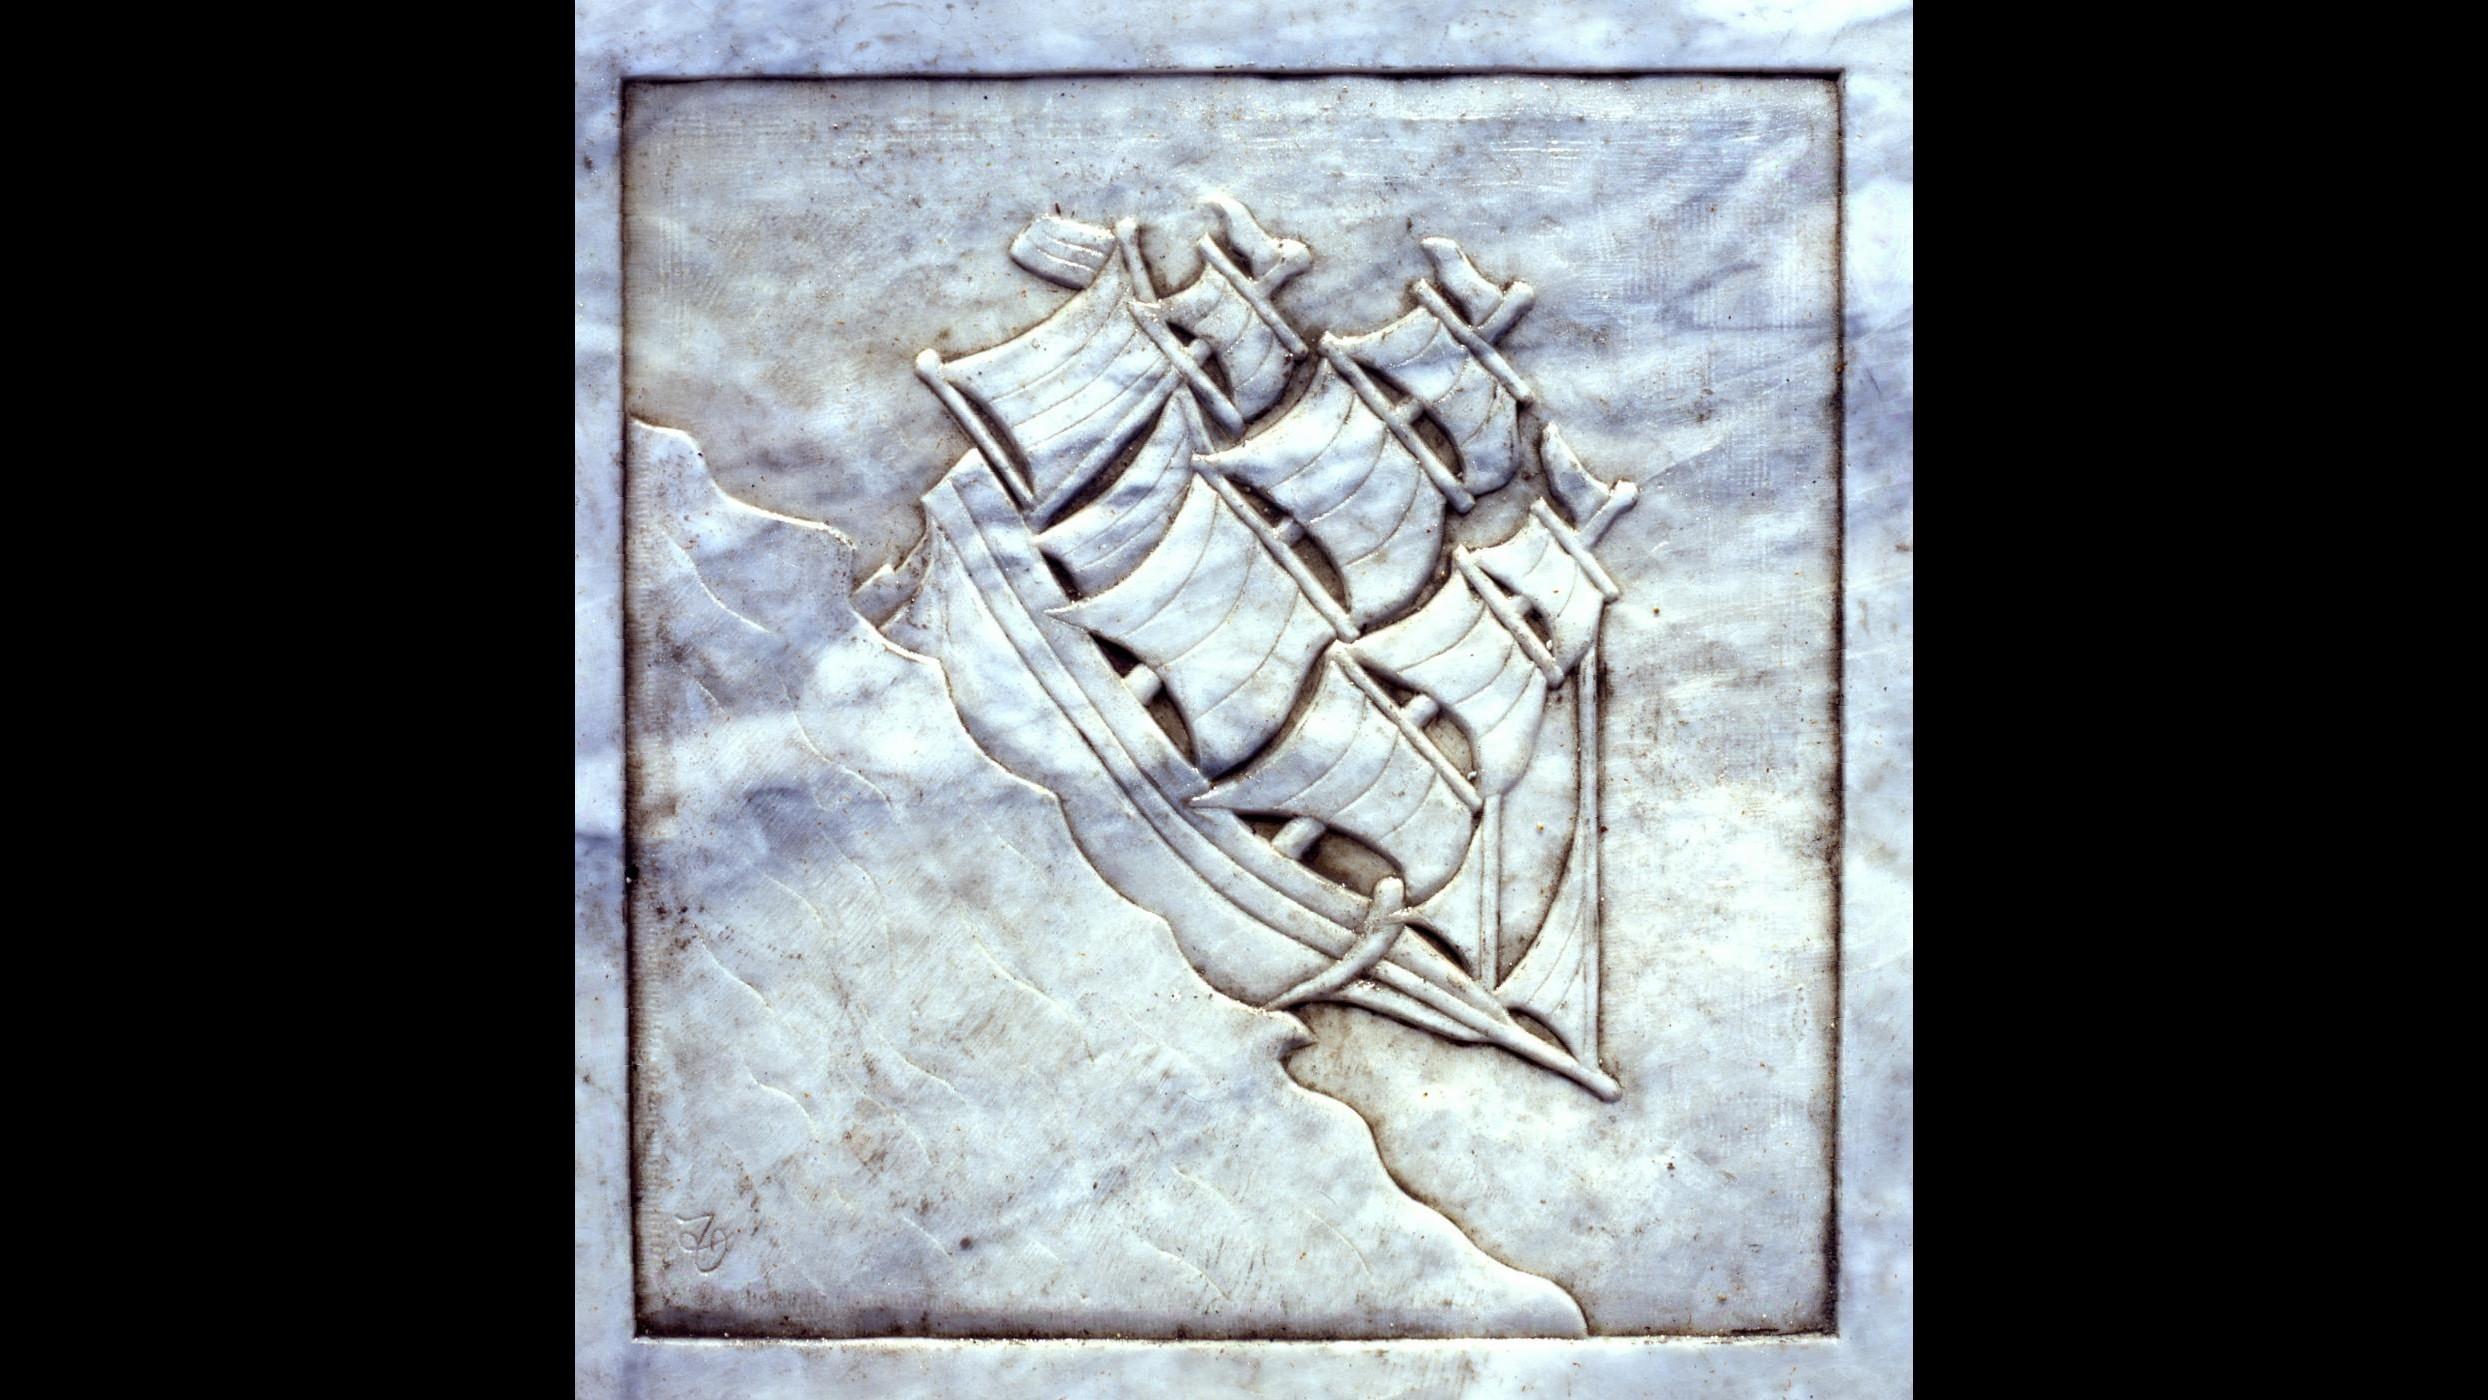 Colombia, ritrovato galeone spagnolo carico d'oro affondato nel 1708